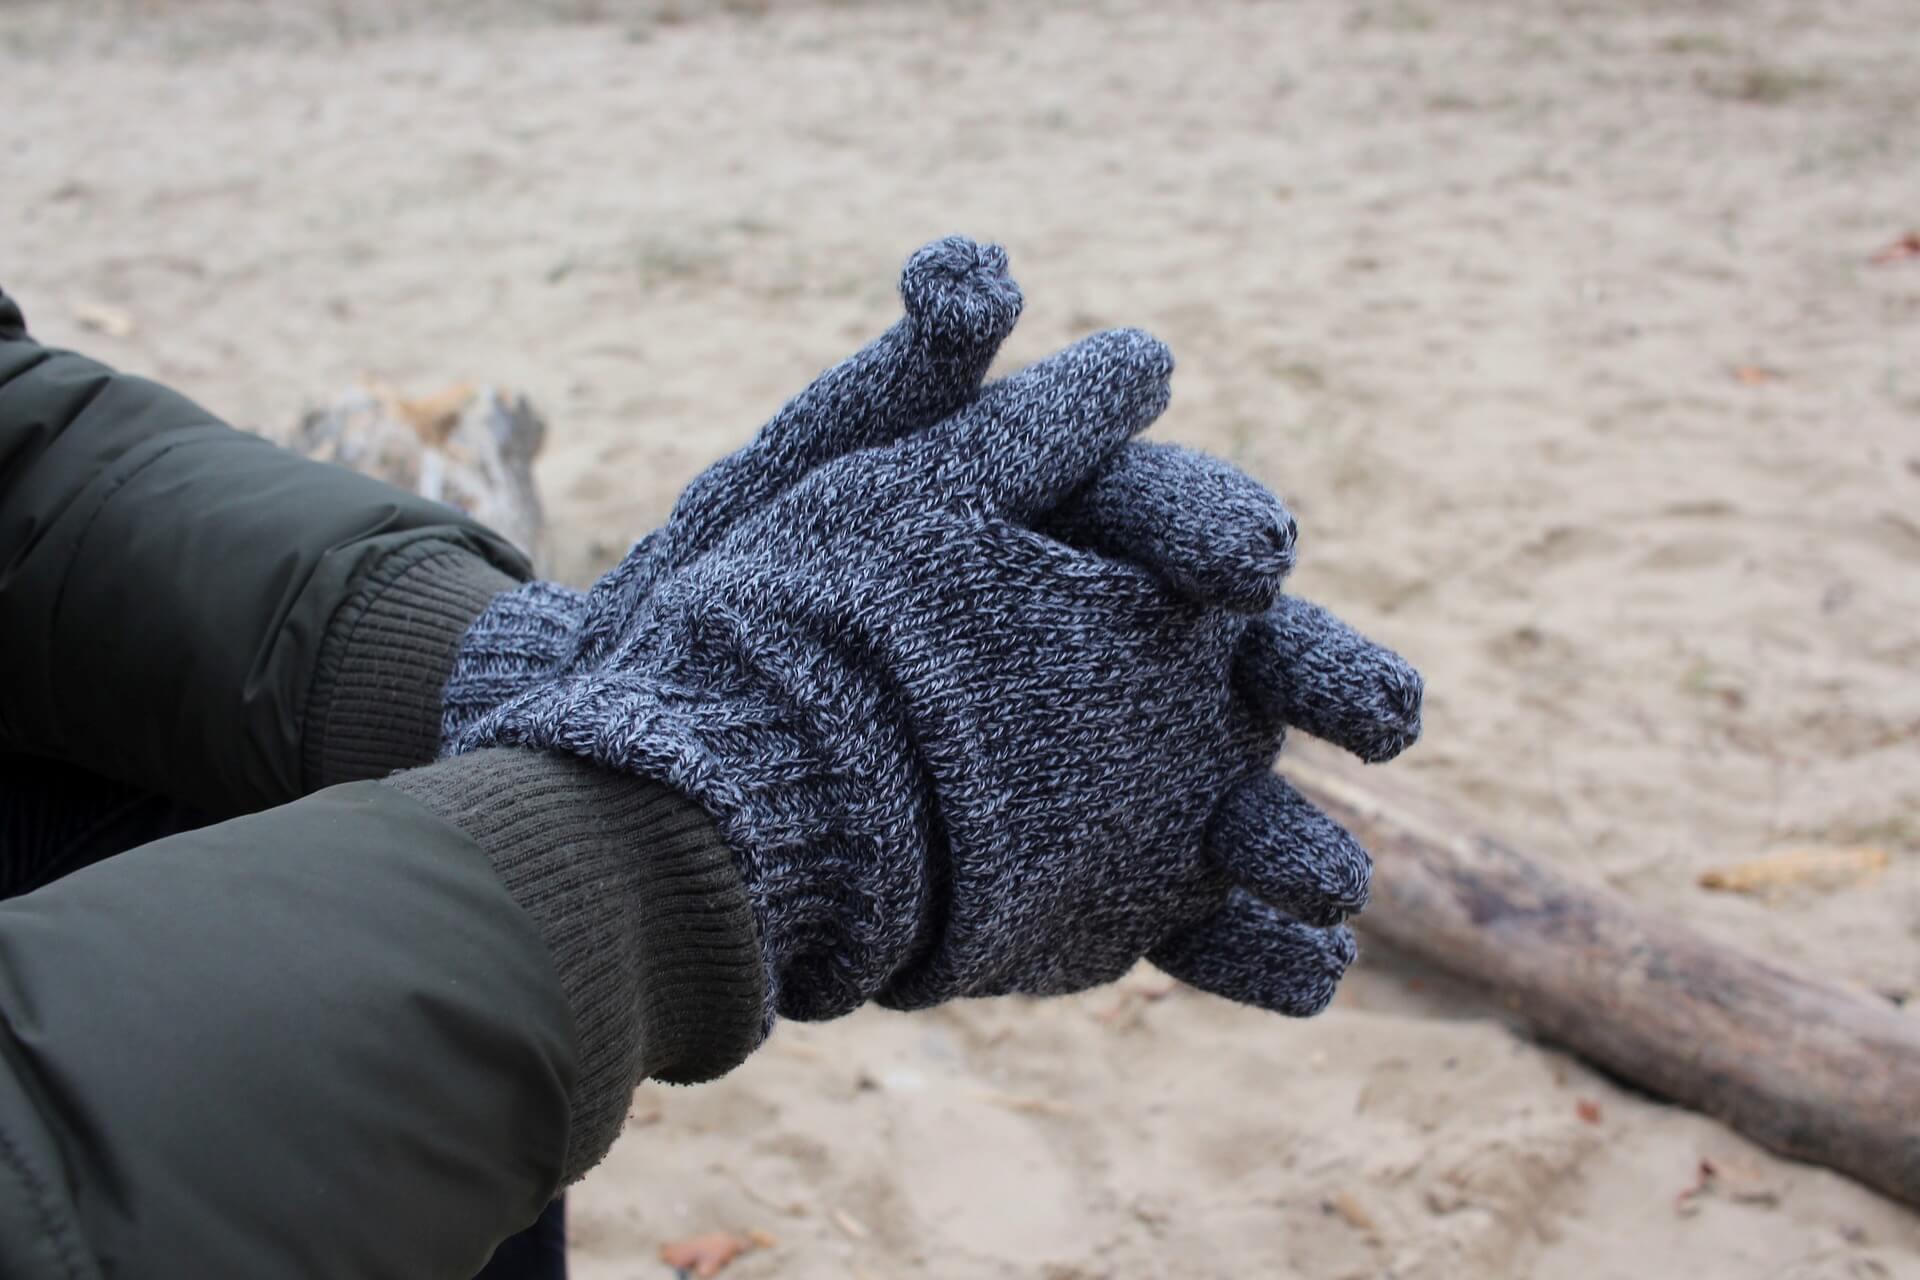 Erkältung vorbeugen: Warme Kleidung